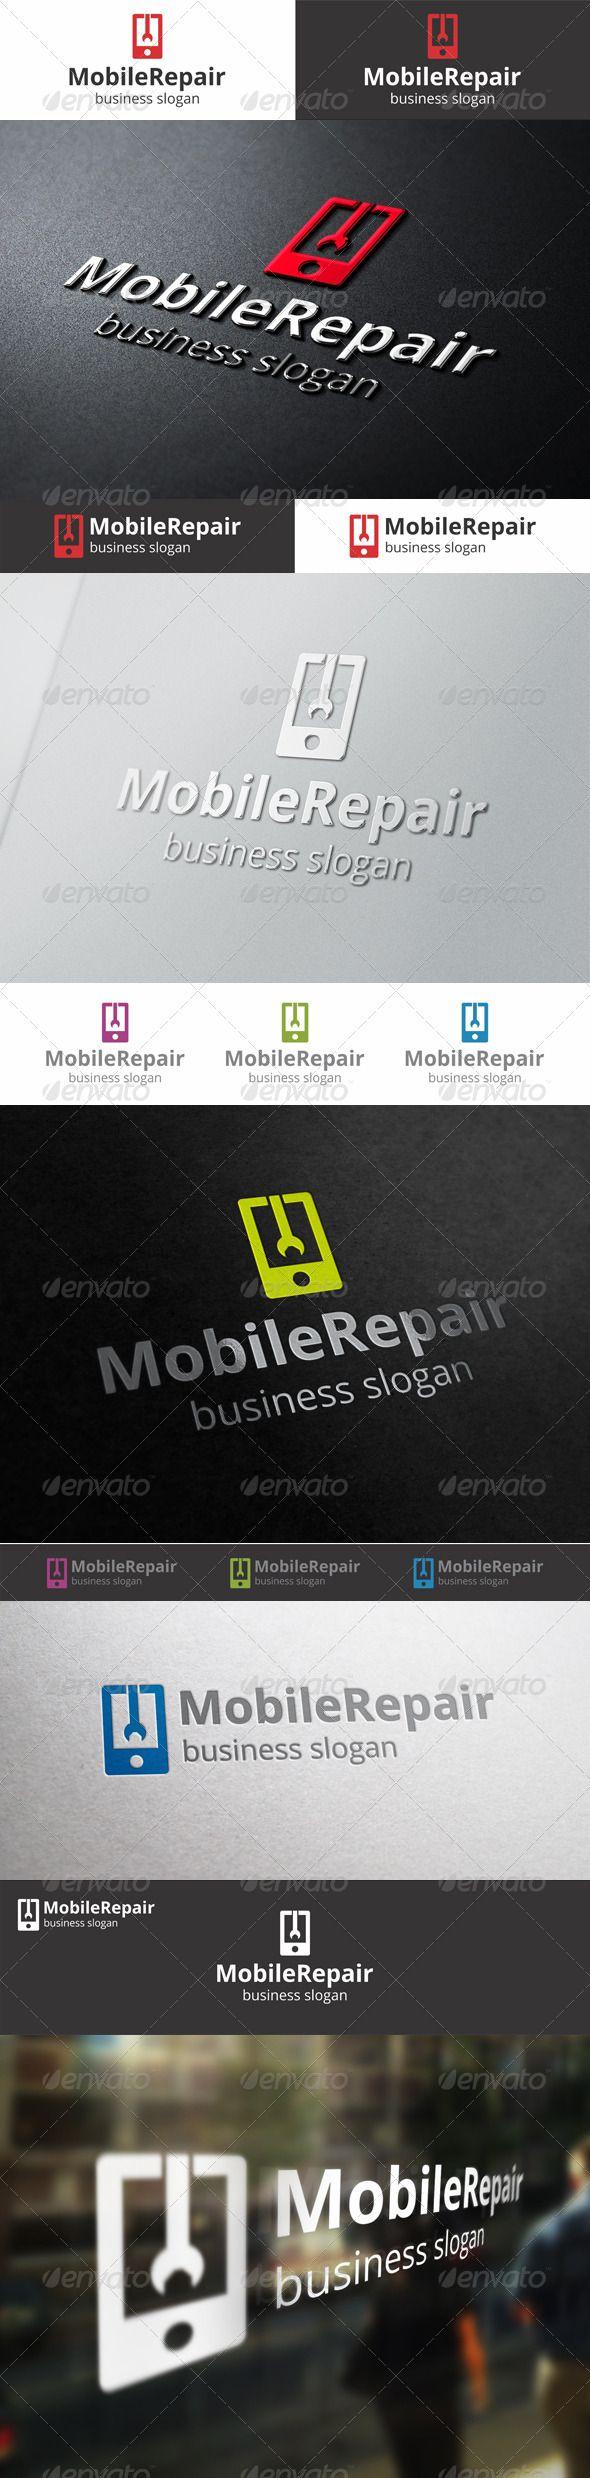 Mobile Repair Logo Template